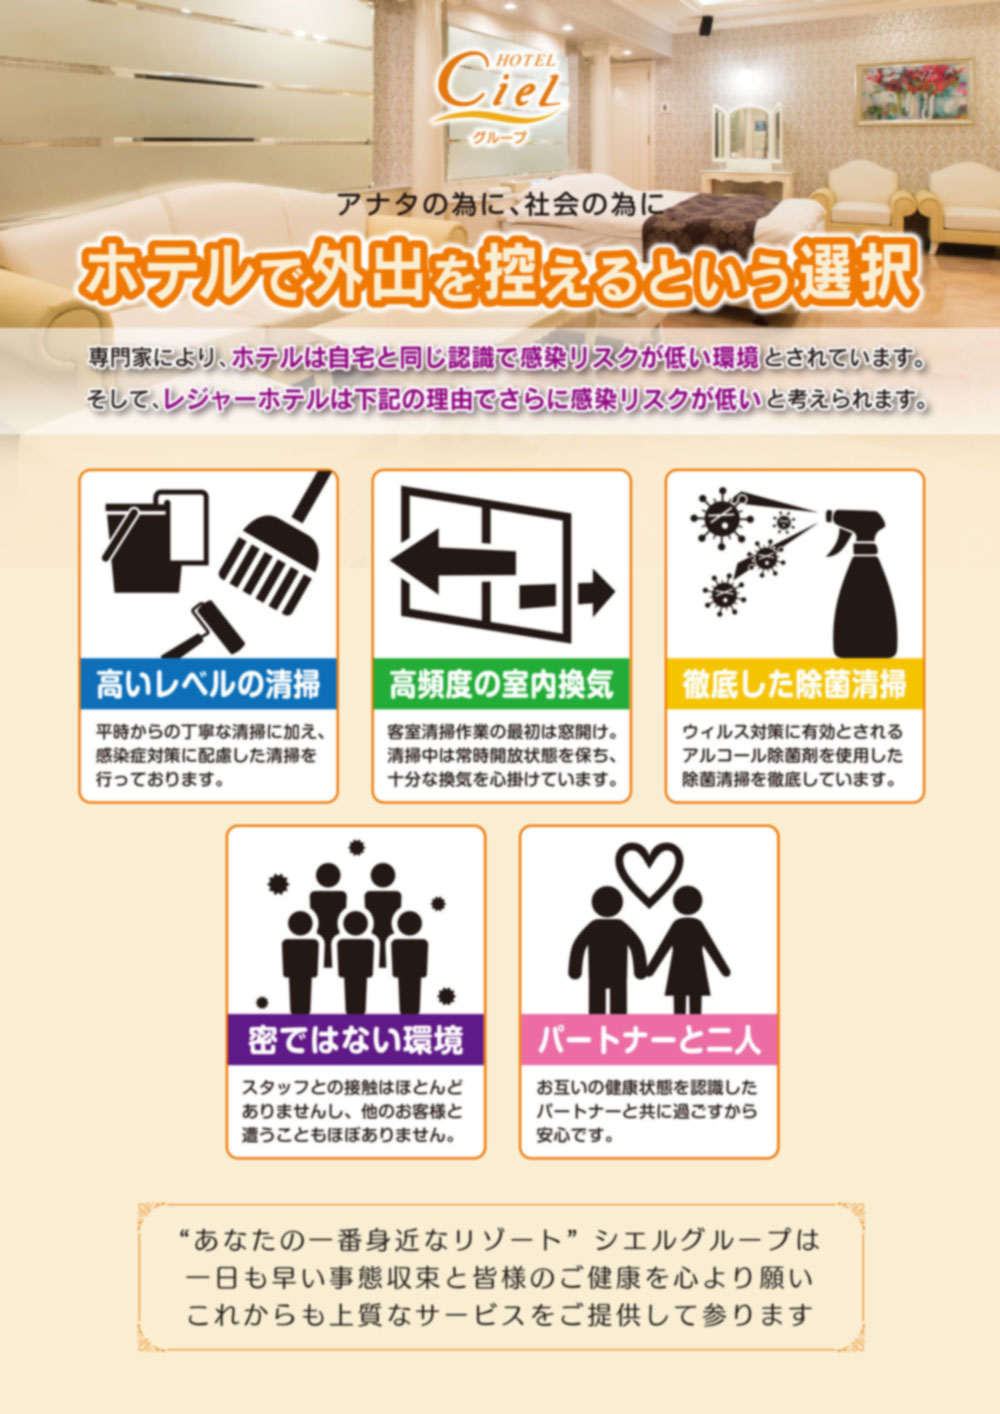 新型コロナウィルス感染予防について